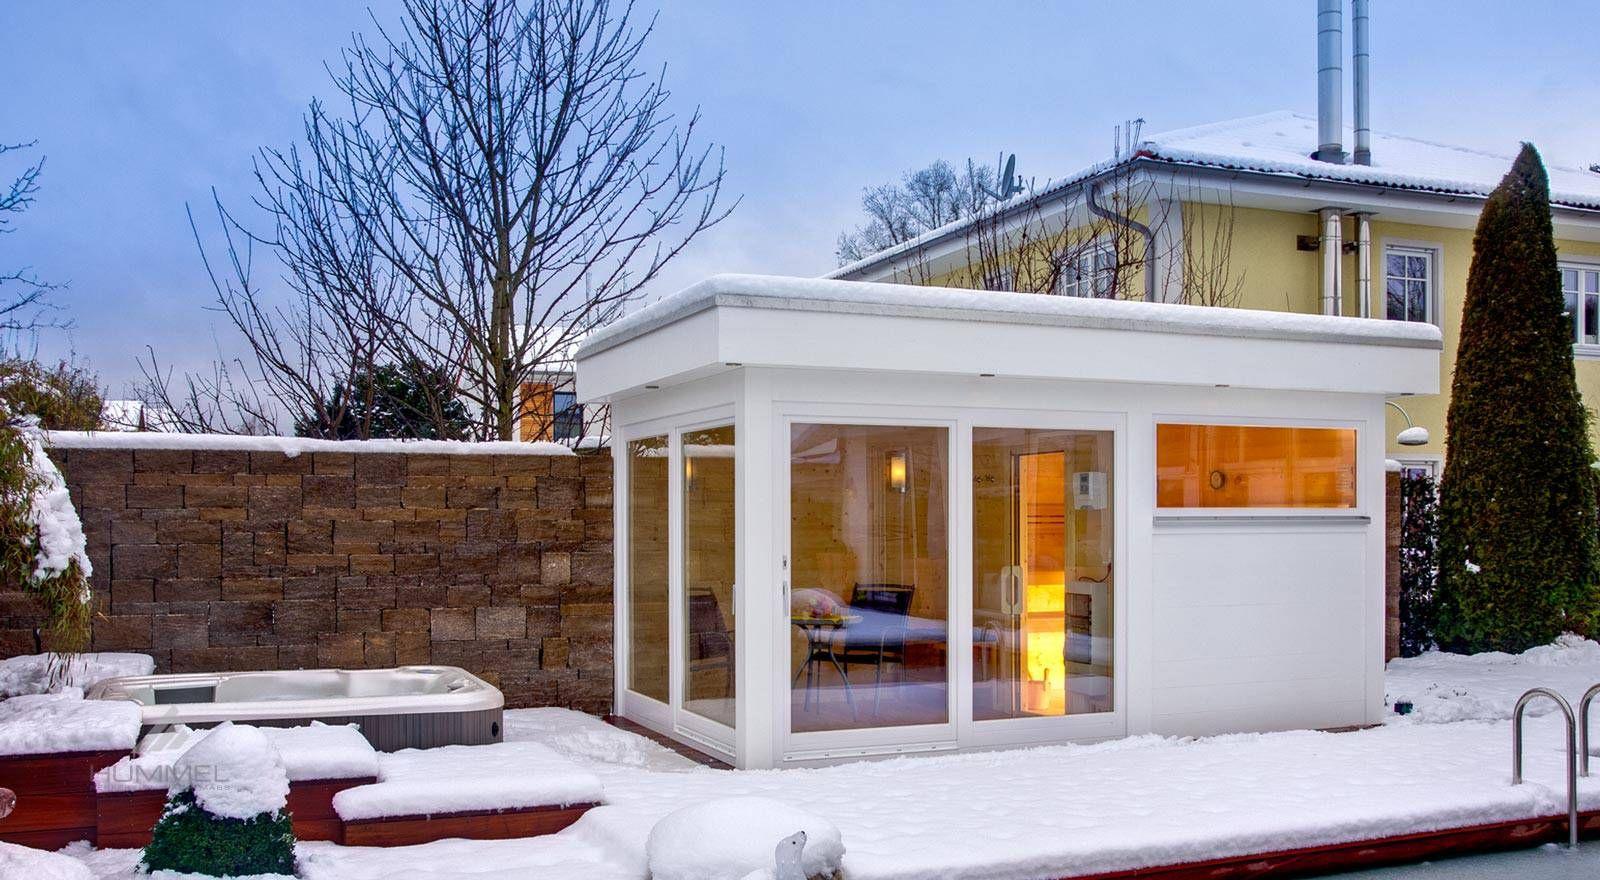 modernes saunahaus mit flachdach und vorraum gartensauna. Black Bedroom Furniture Sets. Home Design Ideas